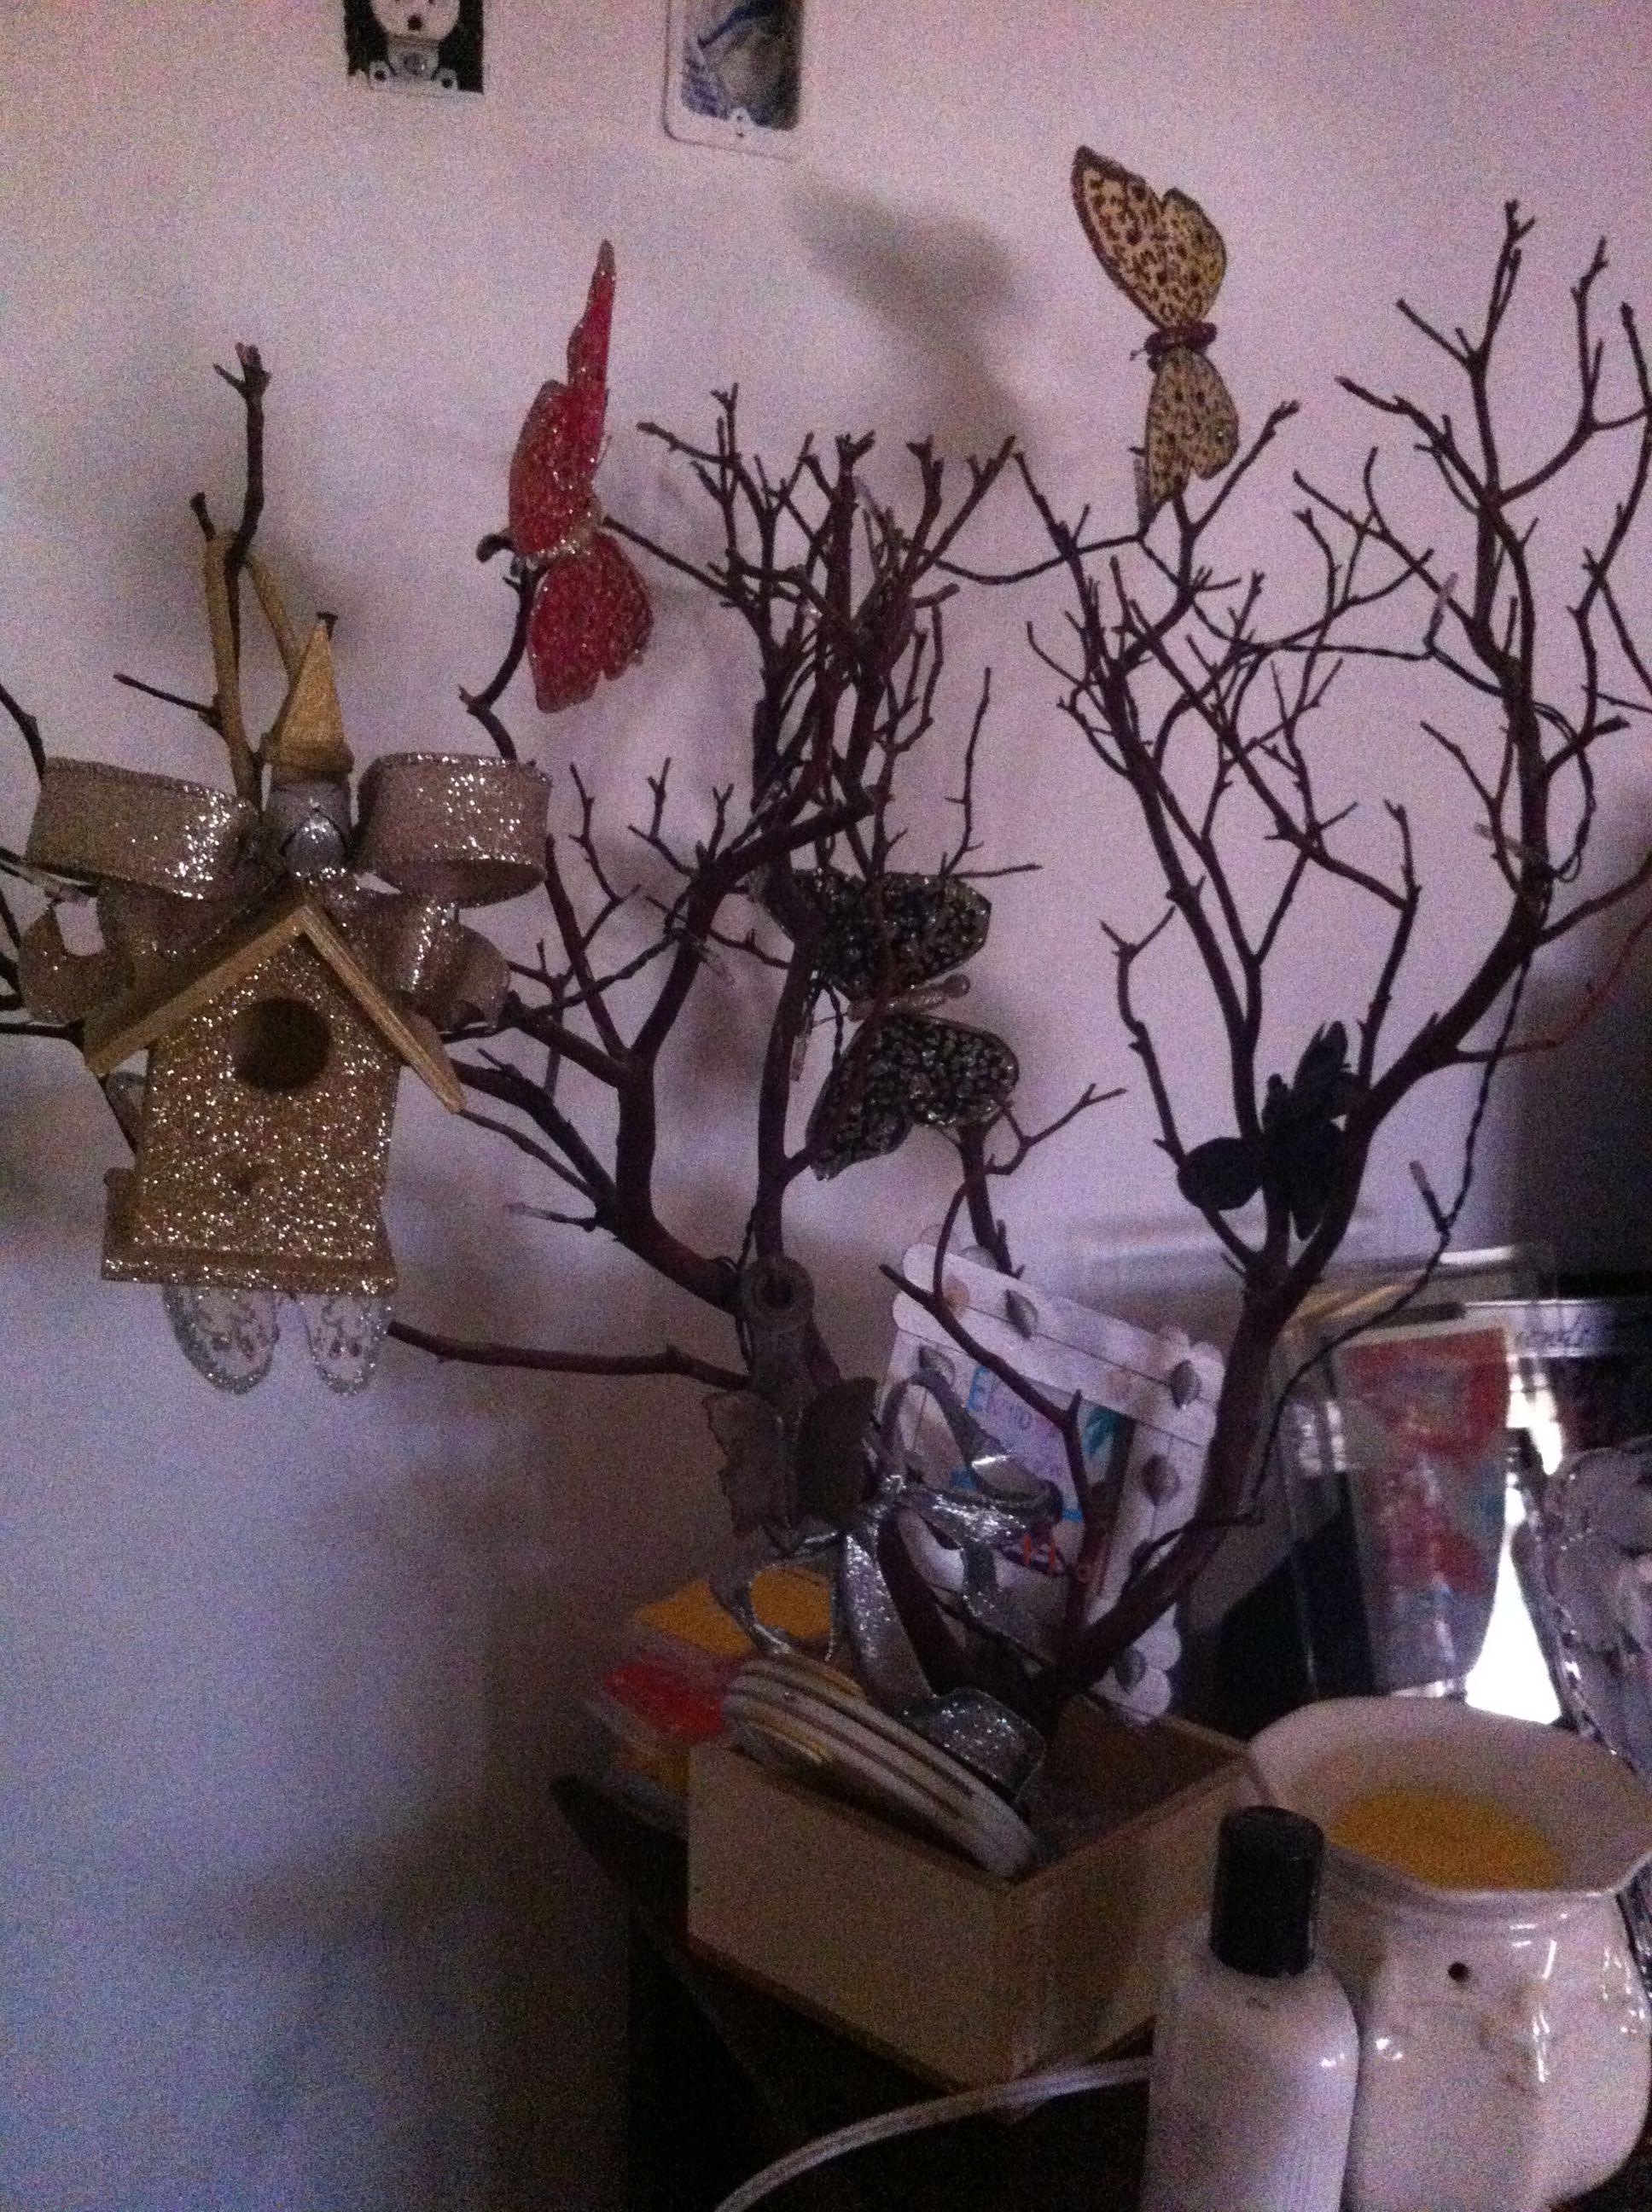 My butterfly tree